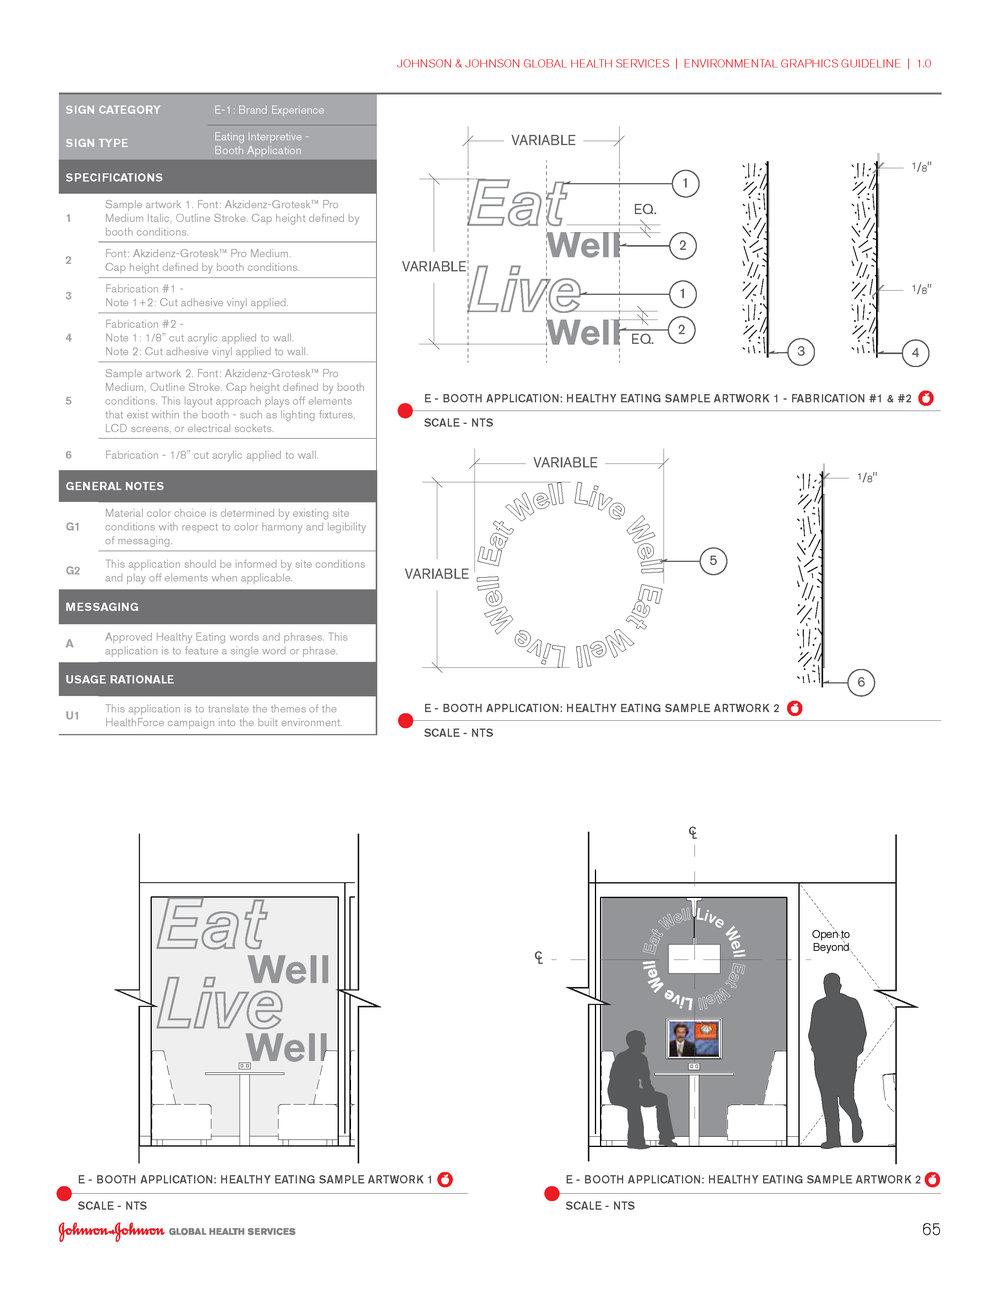 170929_GHS-EnvironmentalGuidelines_1.0 copy_Page_065.jpg